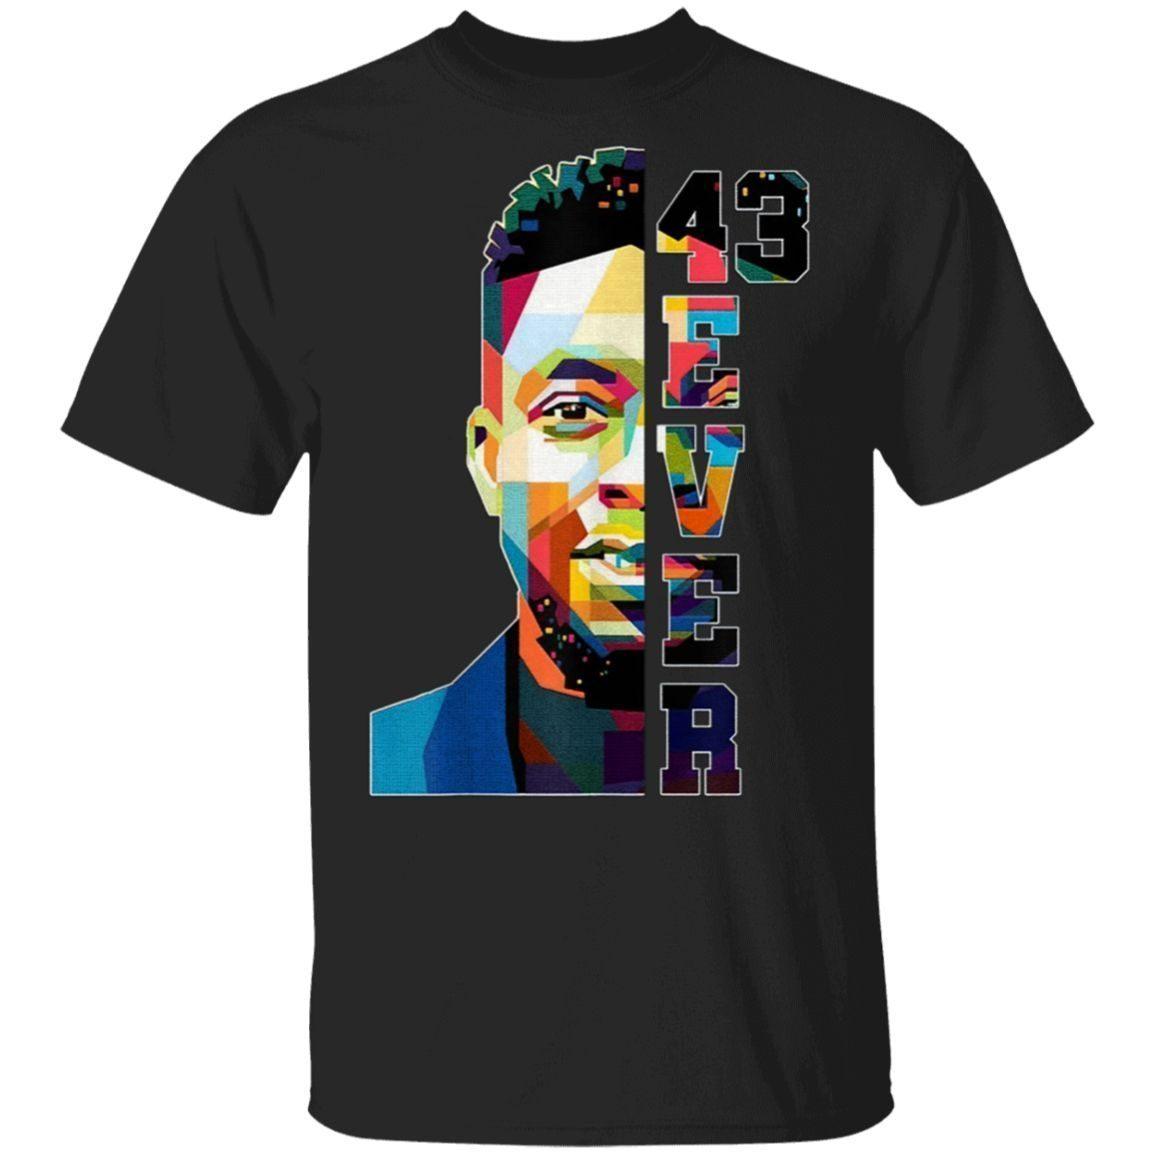 Chadwick 43 Boseman T-Shirt